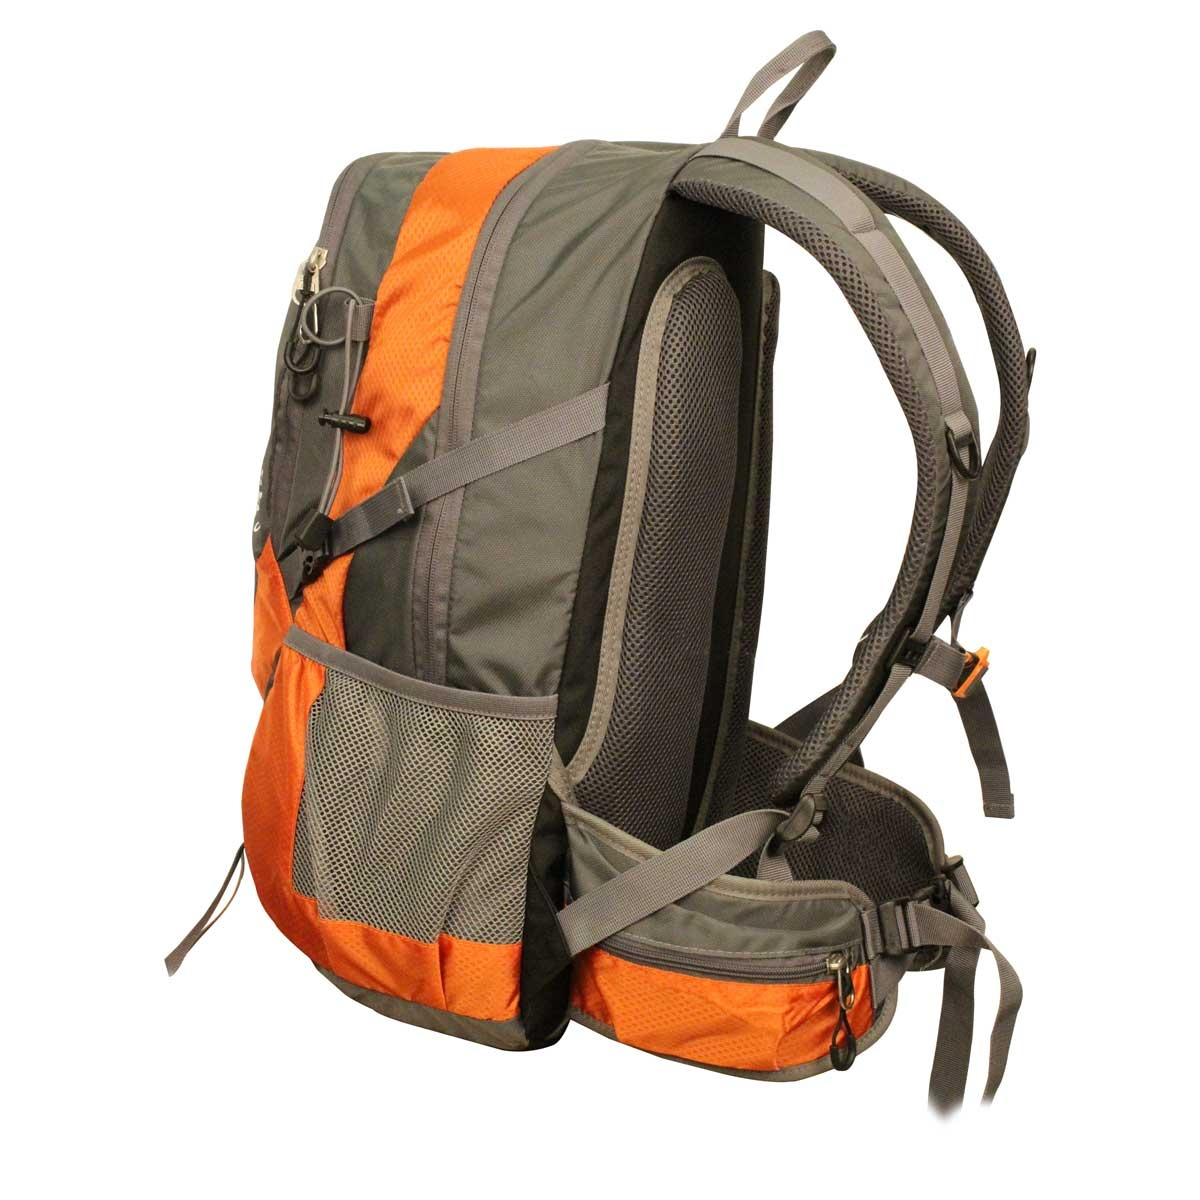 Ceres Ryggsäck Black Vår mest utrustade ryggsäck i klassen